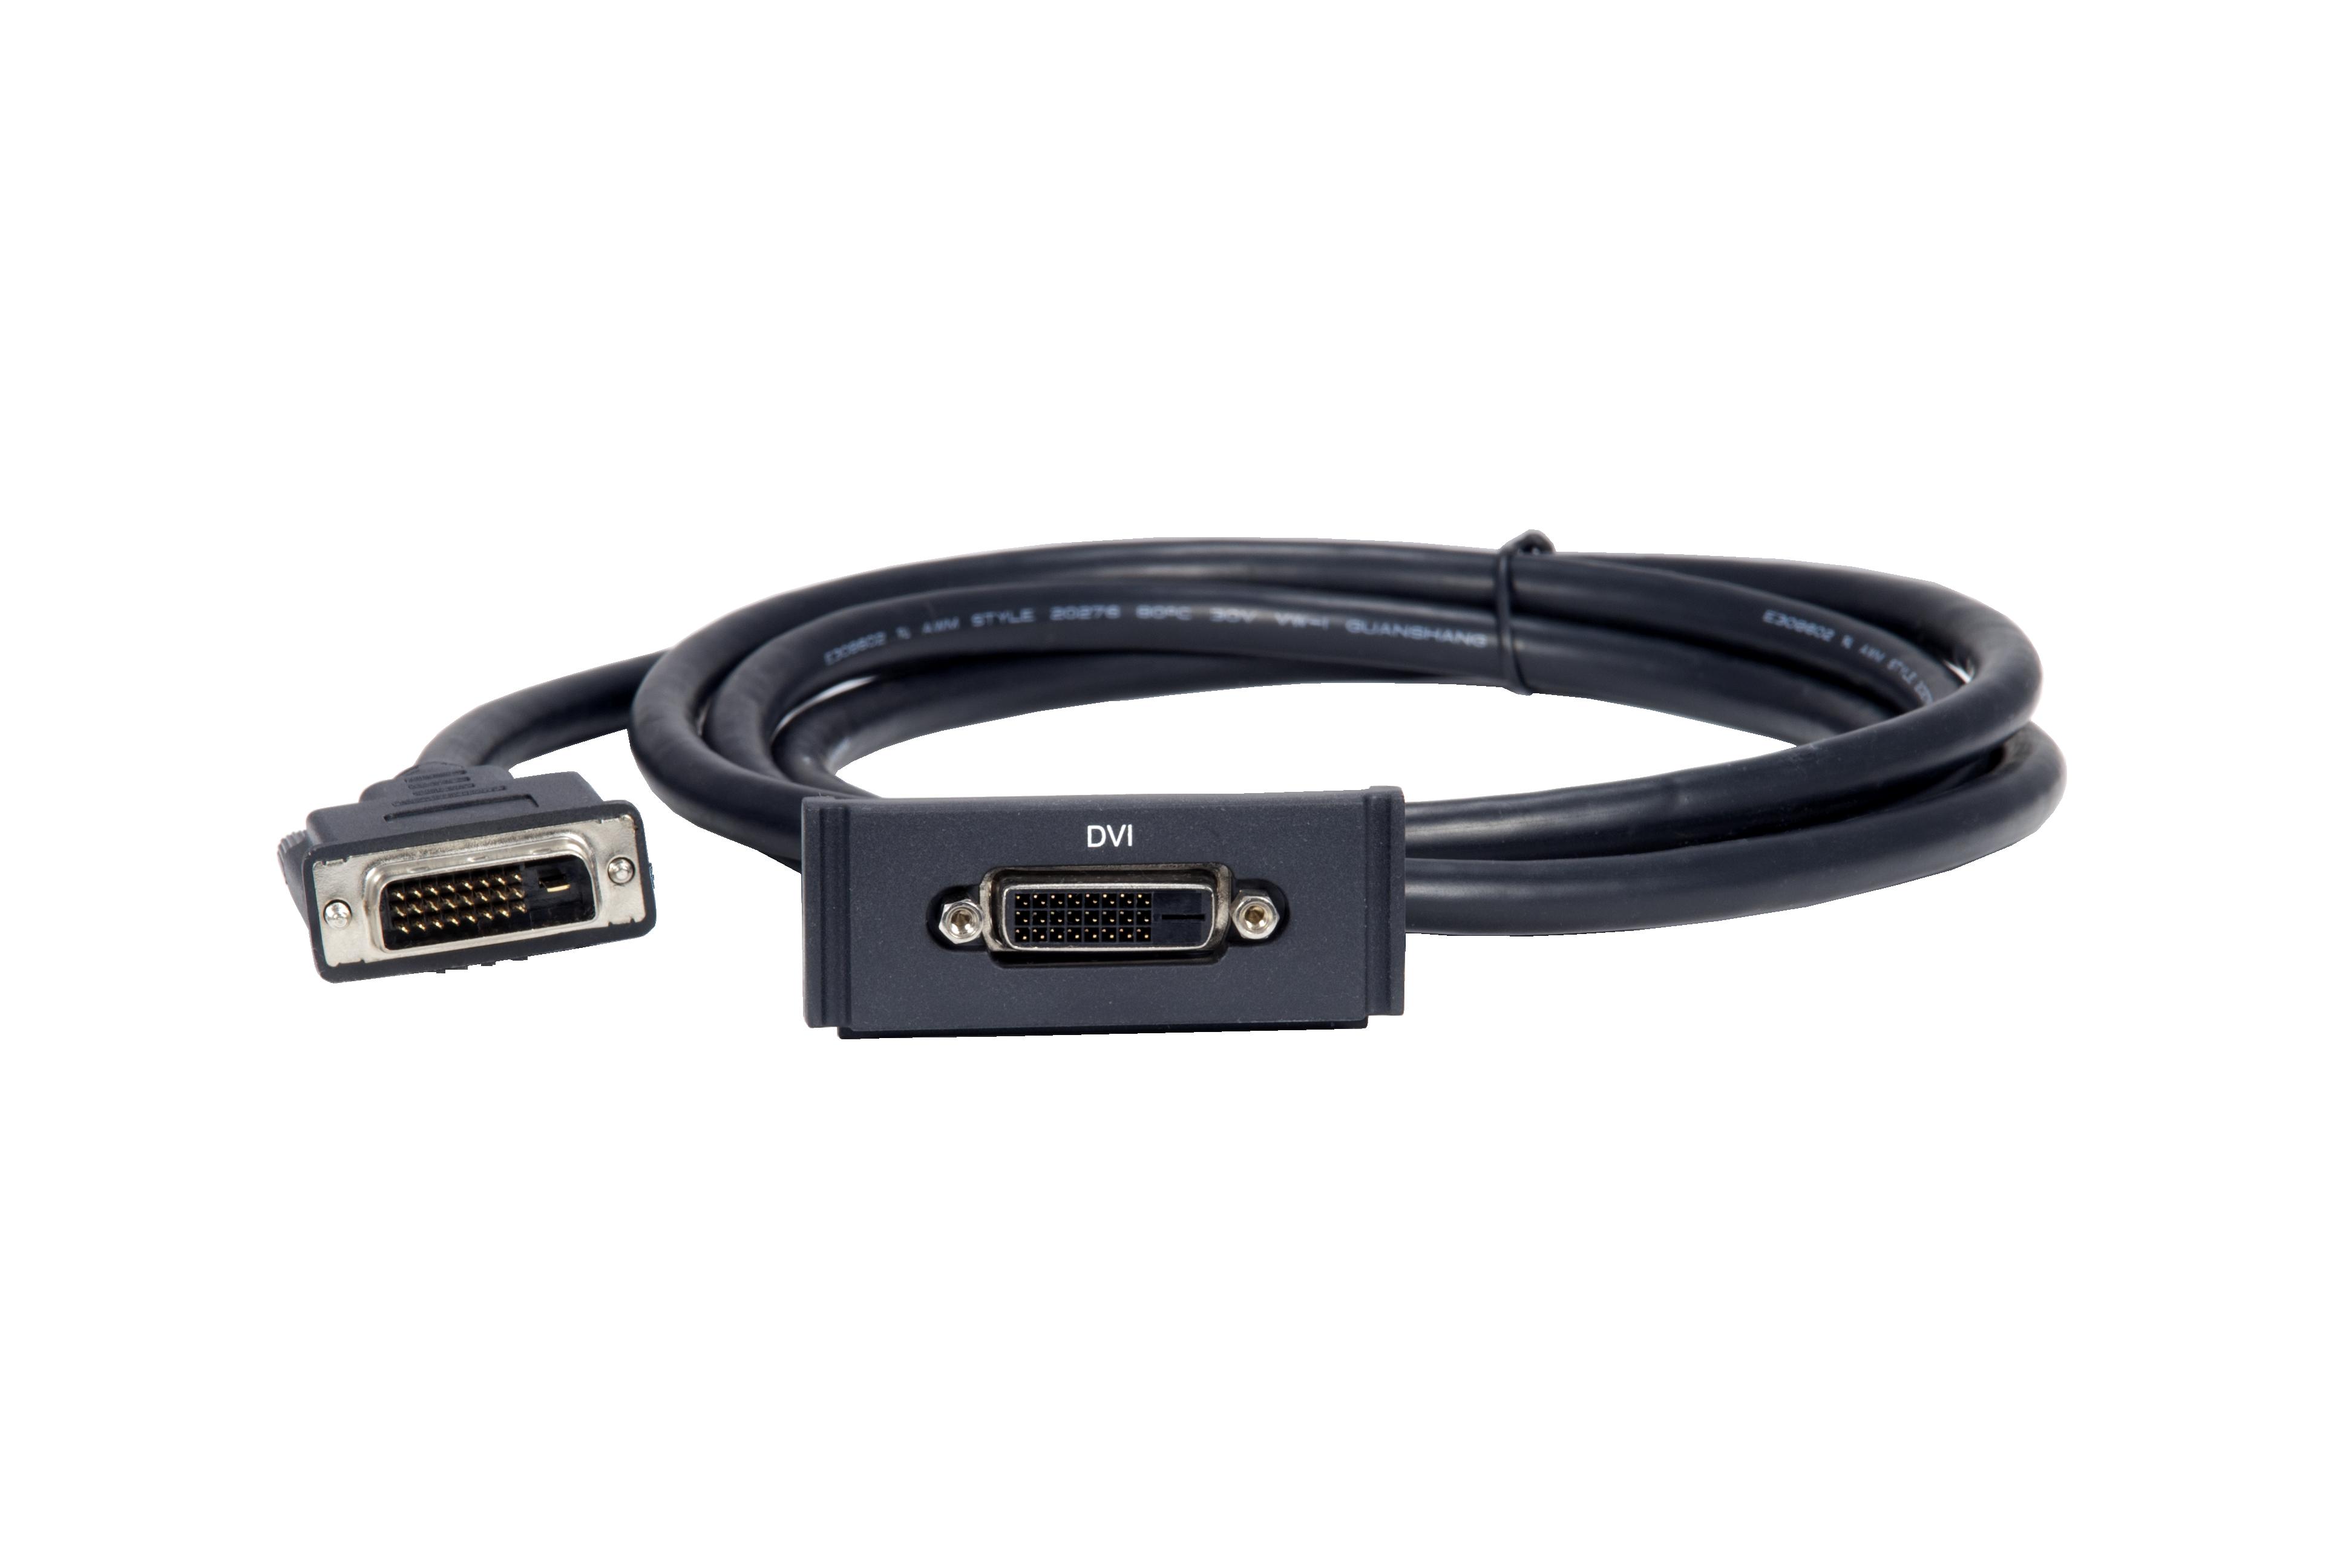 HPX-AV101-DVI Showing Cable